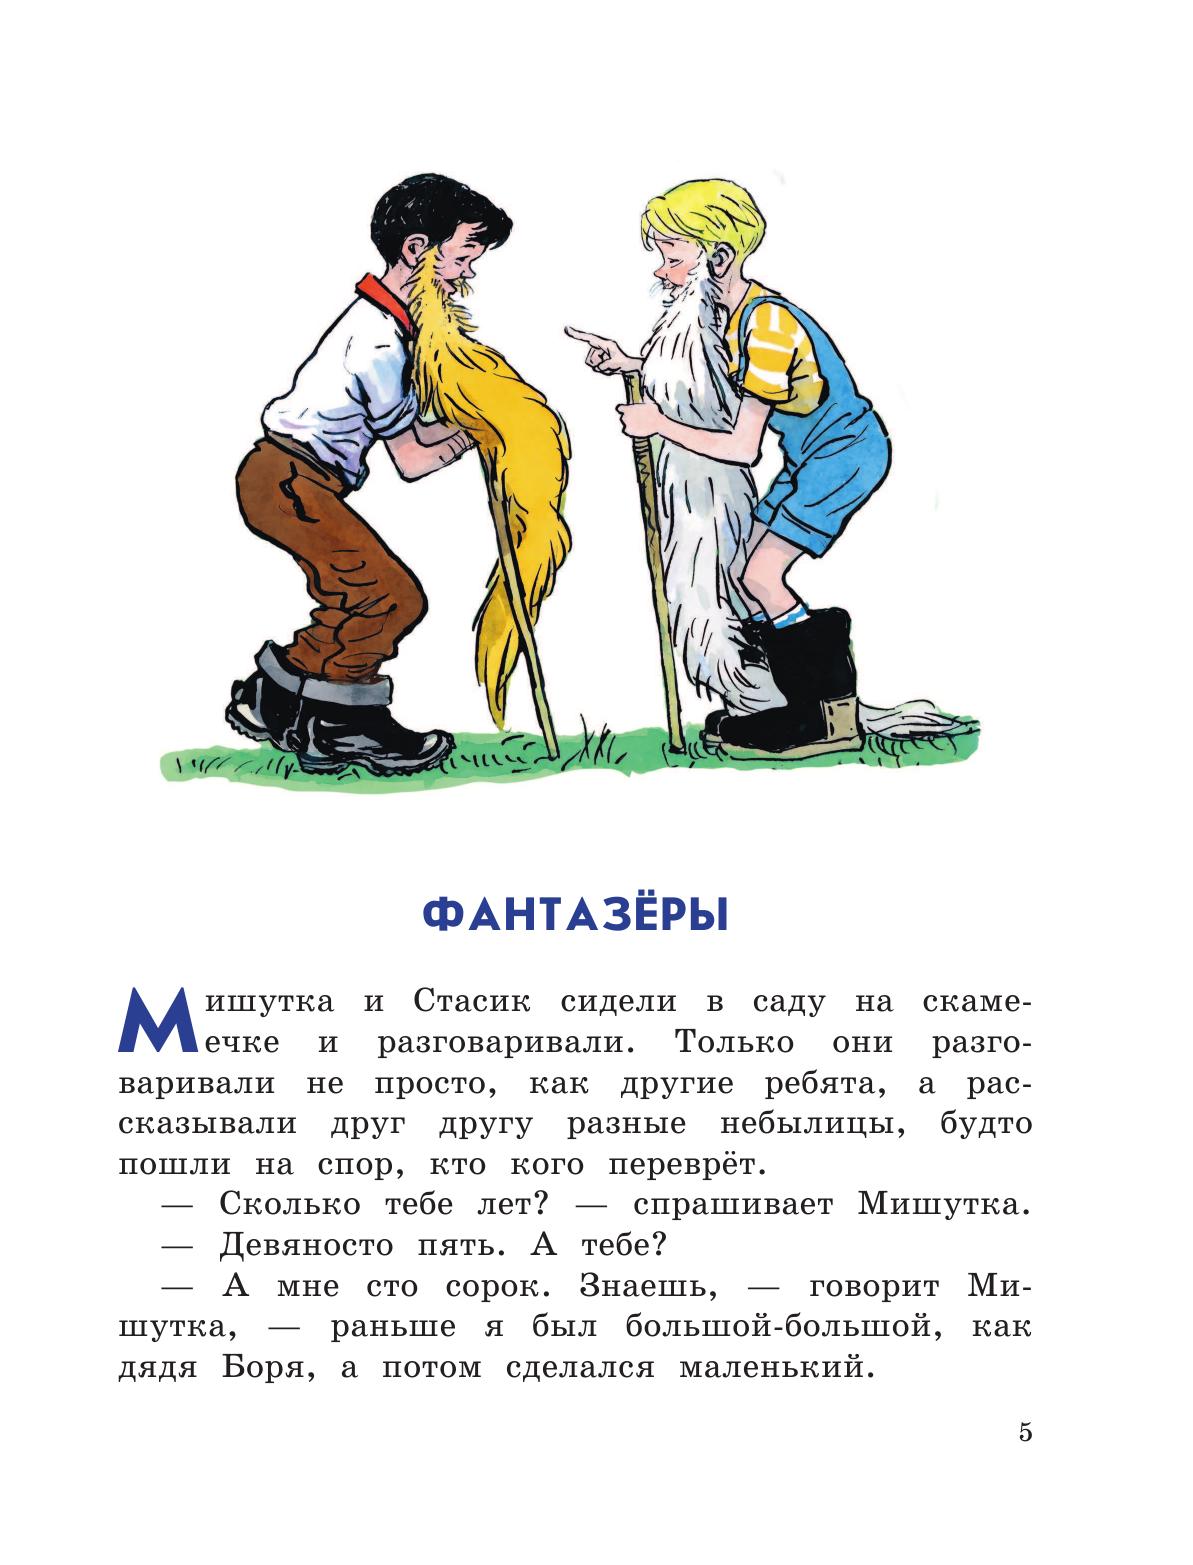 Рассказ фантазеры в картинках